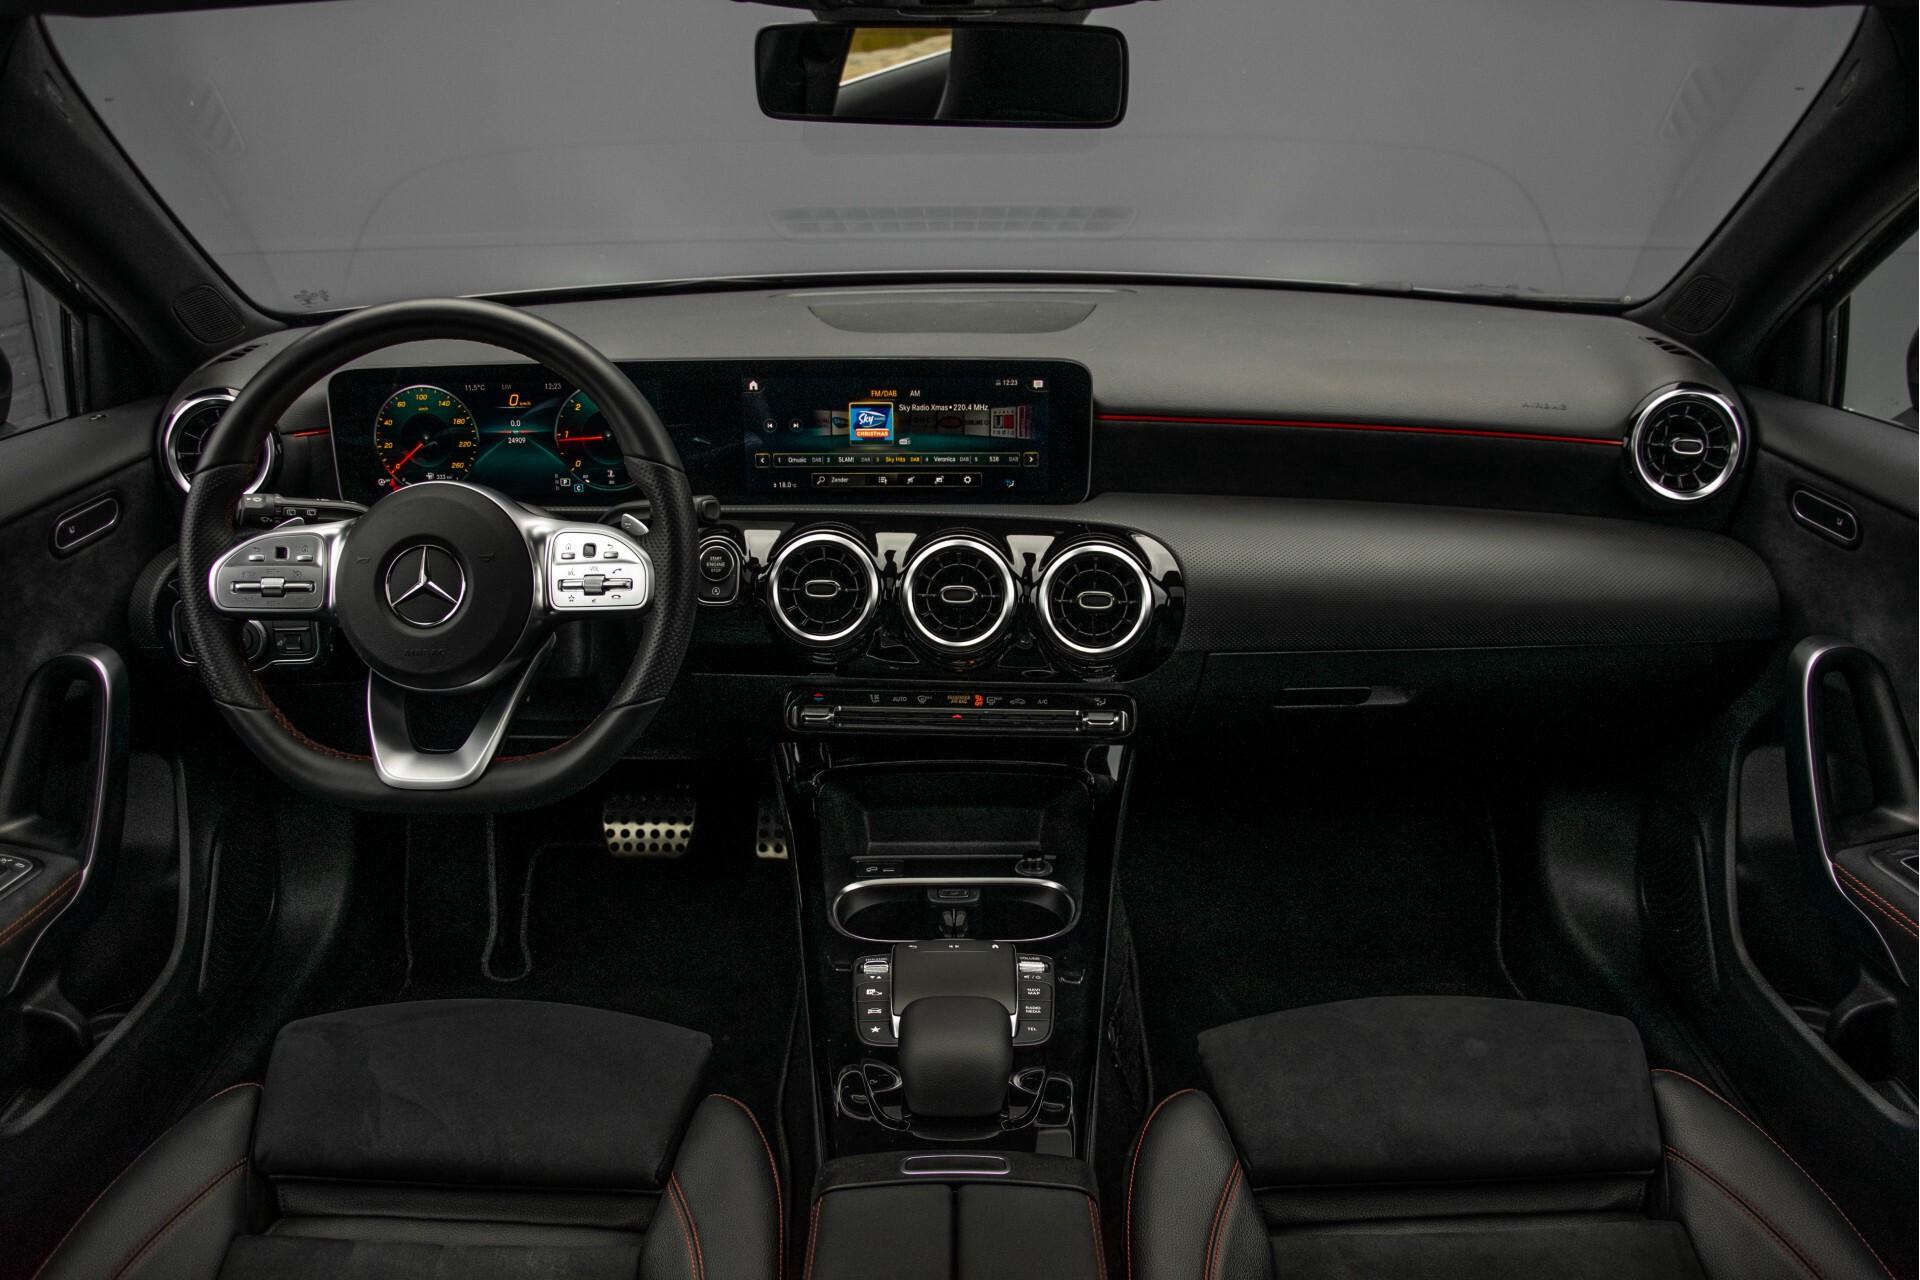 Mercedes-Benz A-Klasse 180 d AMG Panorama/MBUX/DAB/LED Aut7 Foto 7